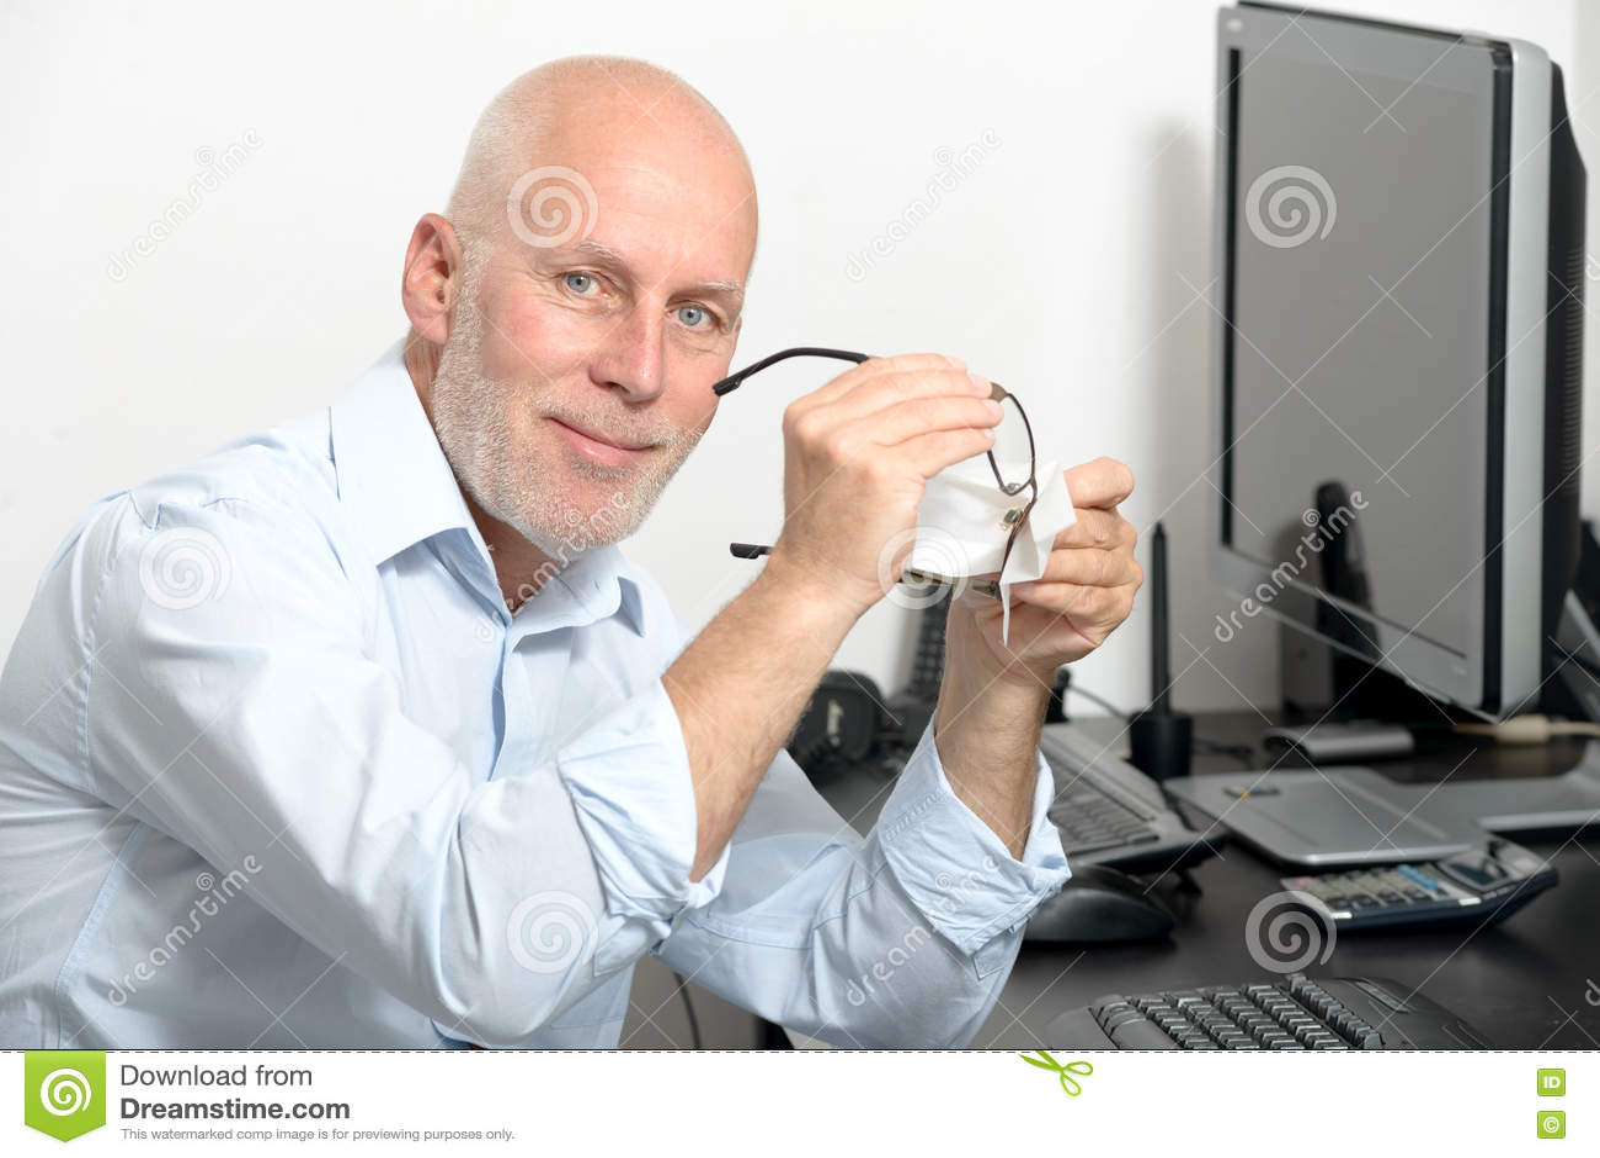 El hombre de mediana edad limpia sus vidrios en su oficina